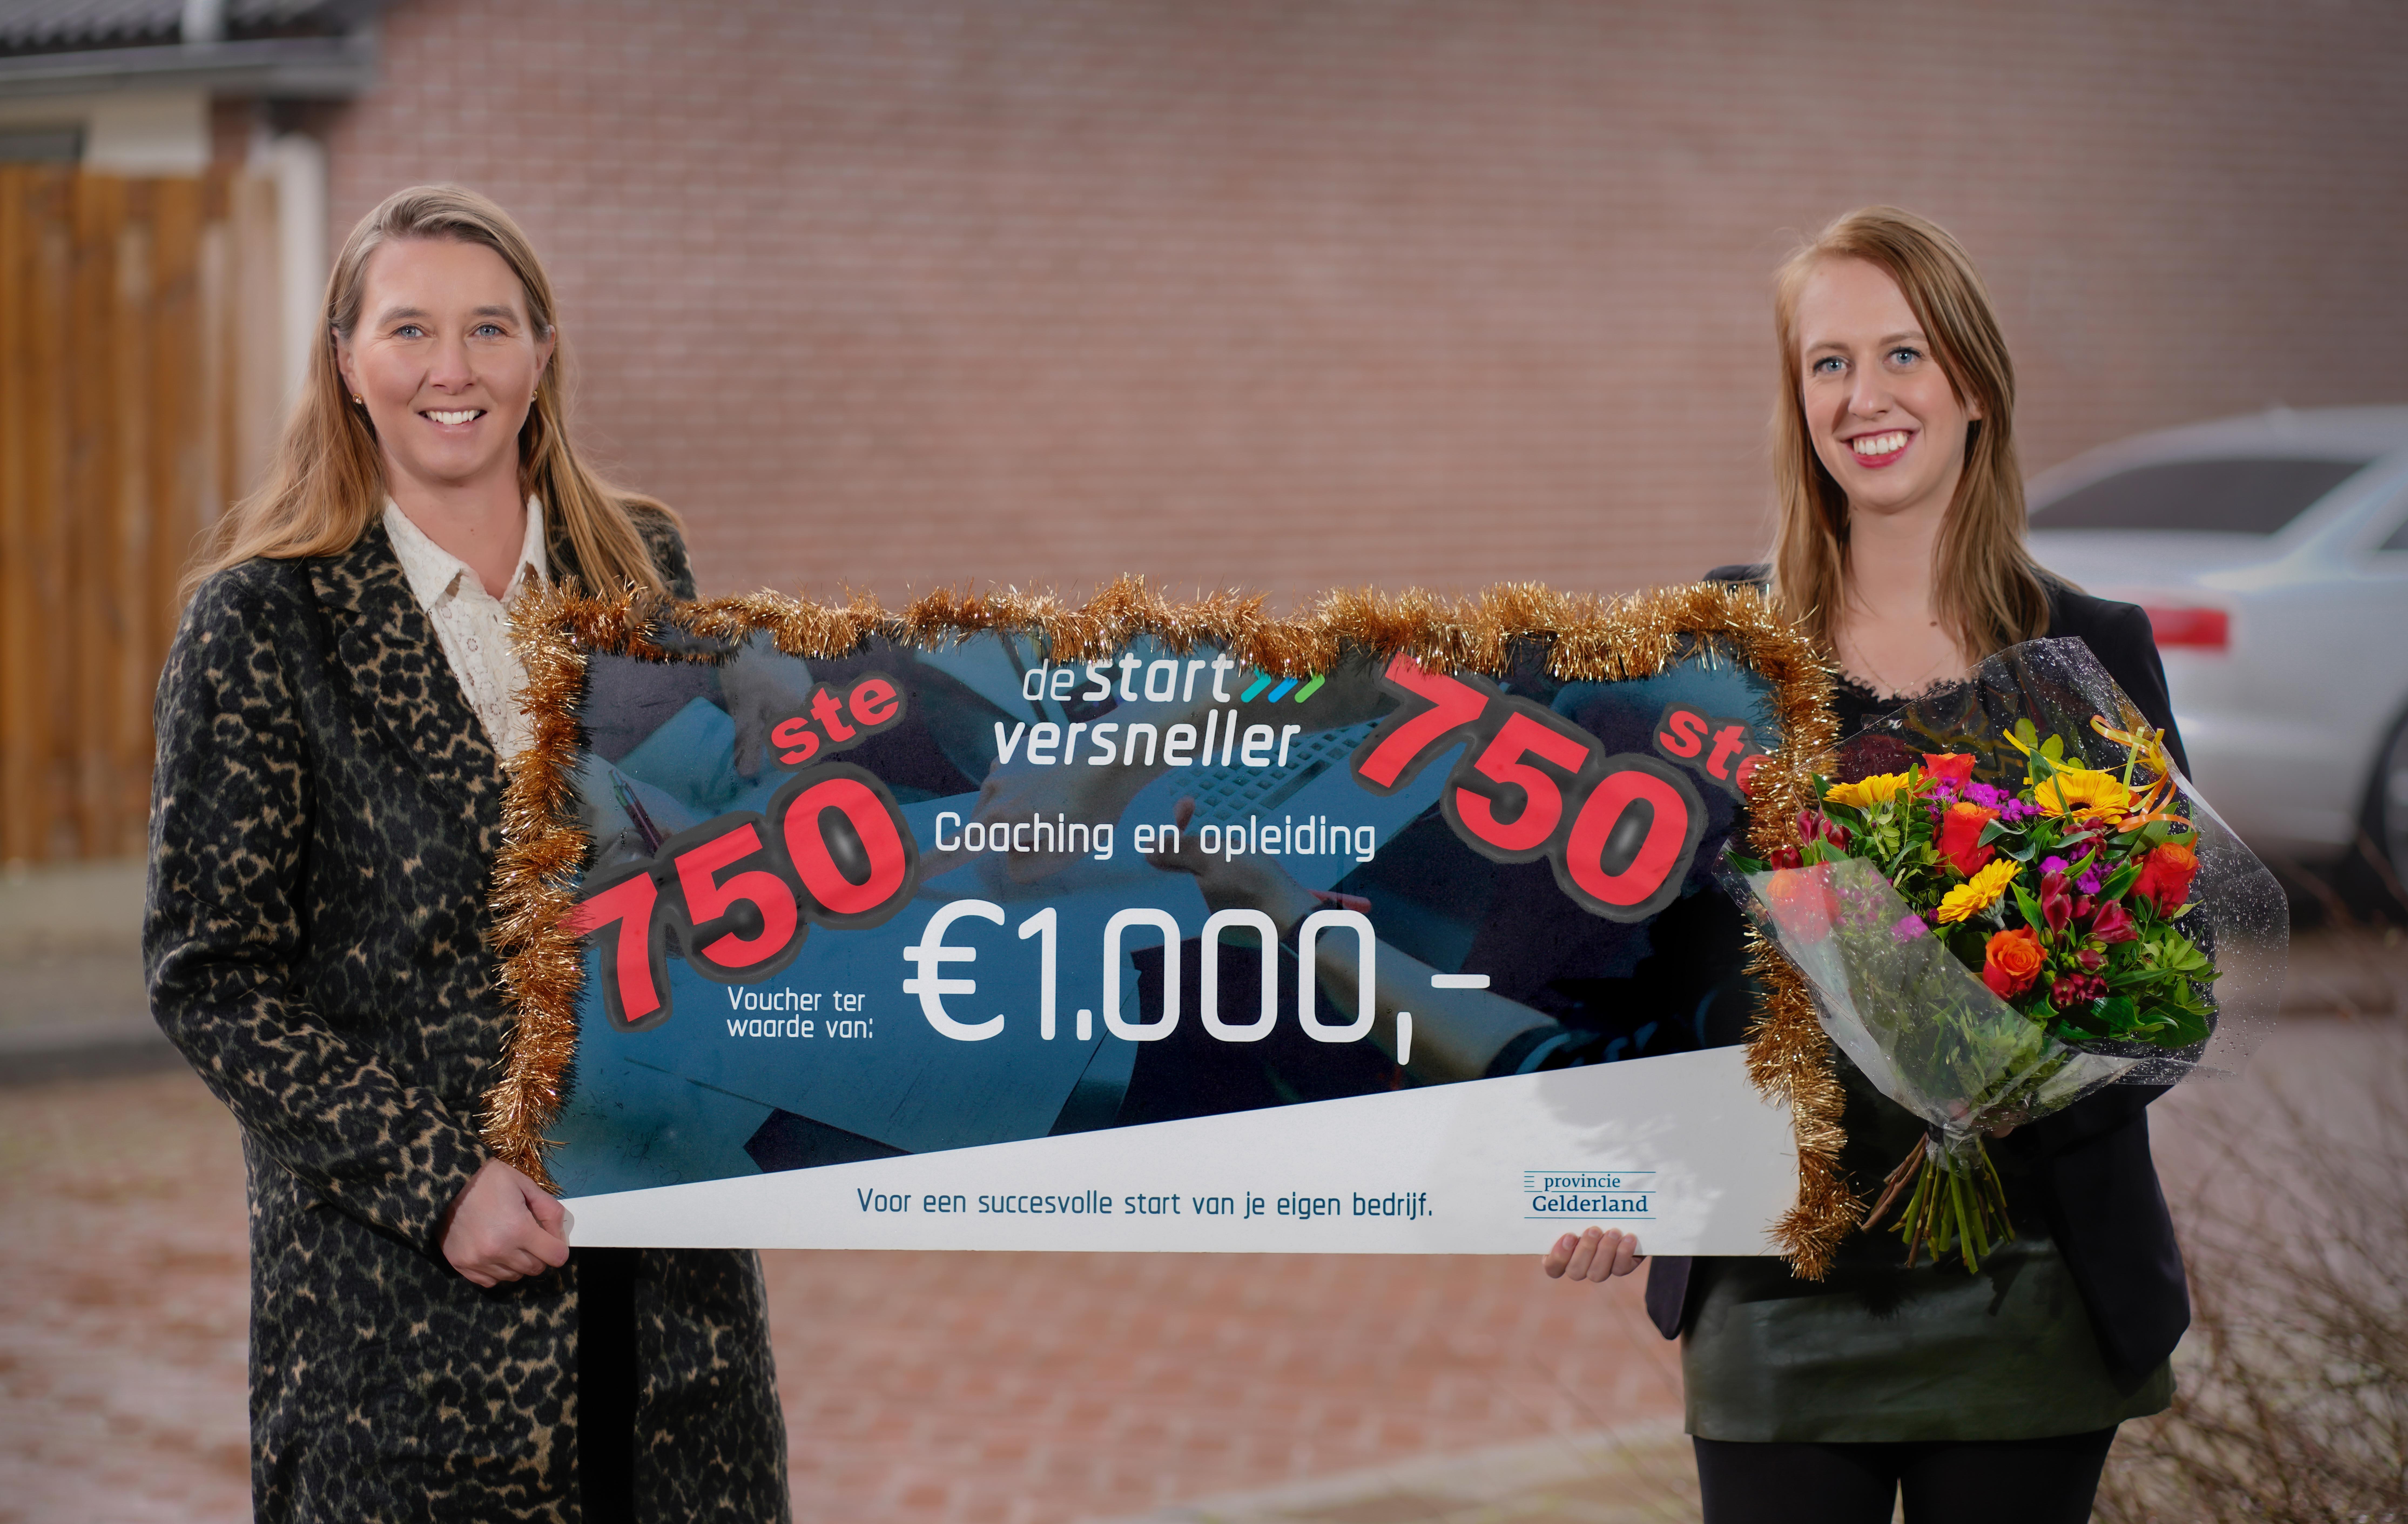 750e voucher De Startversneller uitgereikt